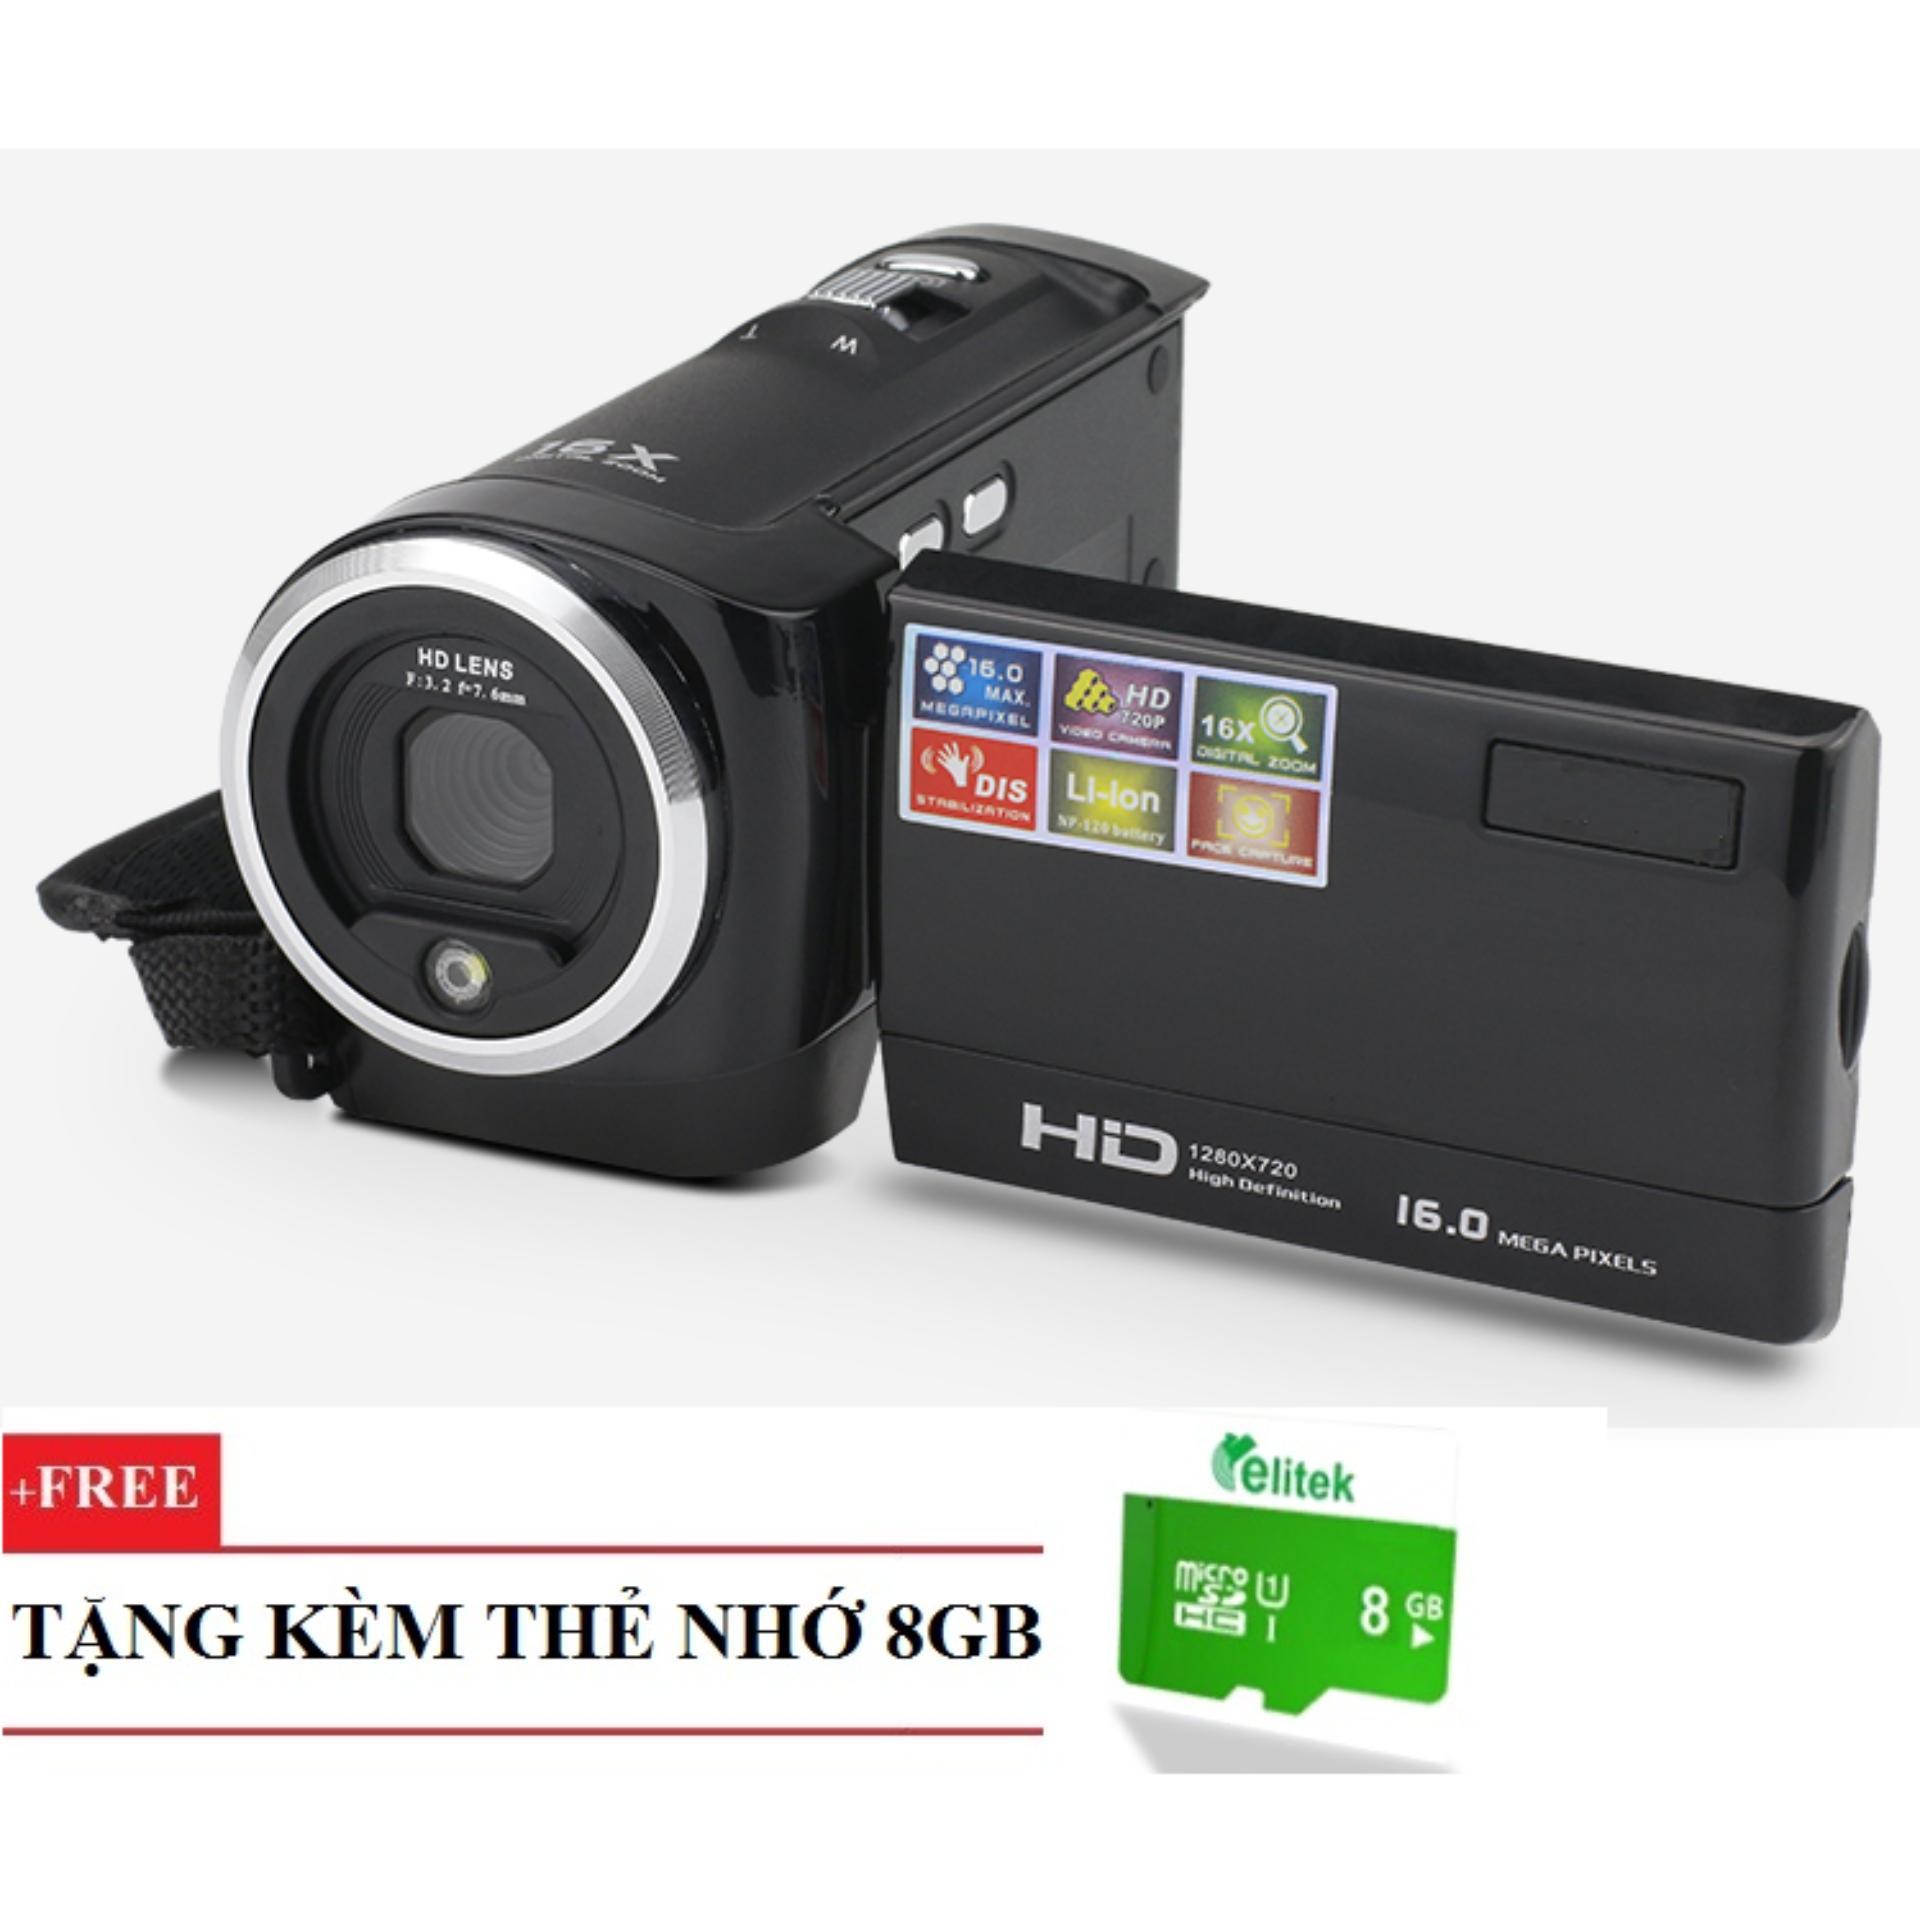 Giá Sốc Máy quay phim cầm tay ELITEK HD Digital Video 16X + Tặng kèm thẻ nhớ 8GB